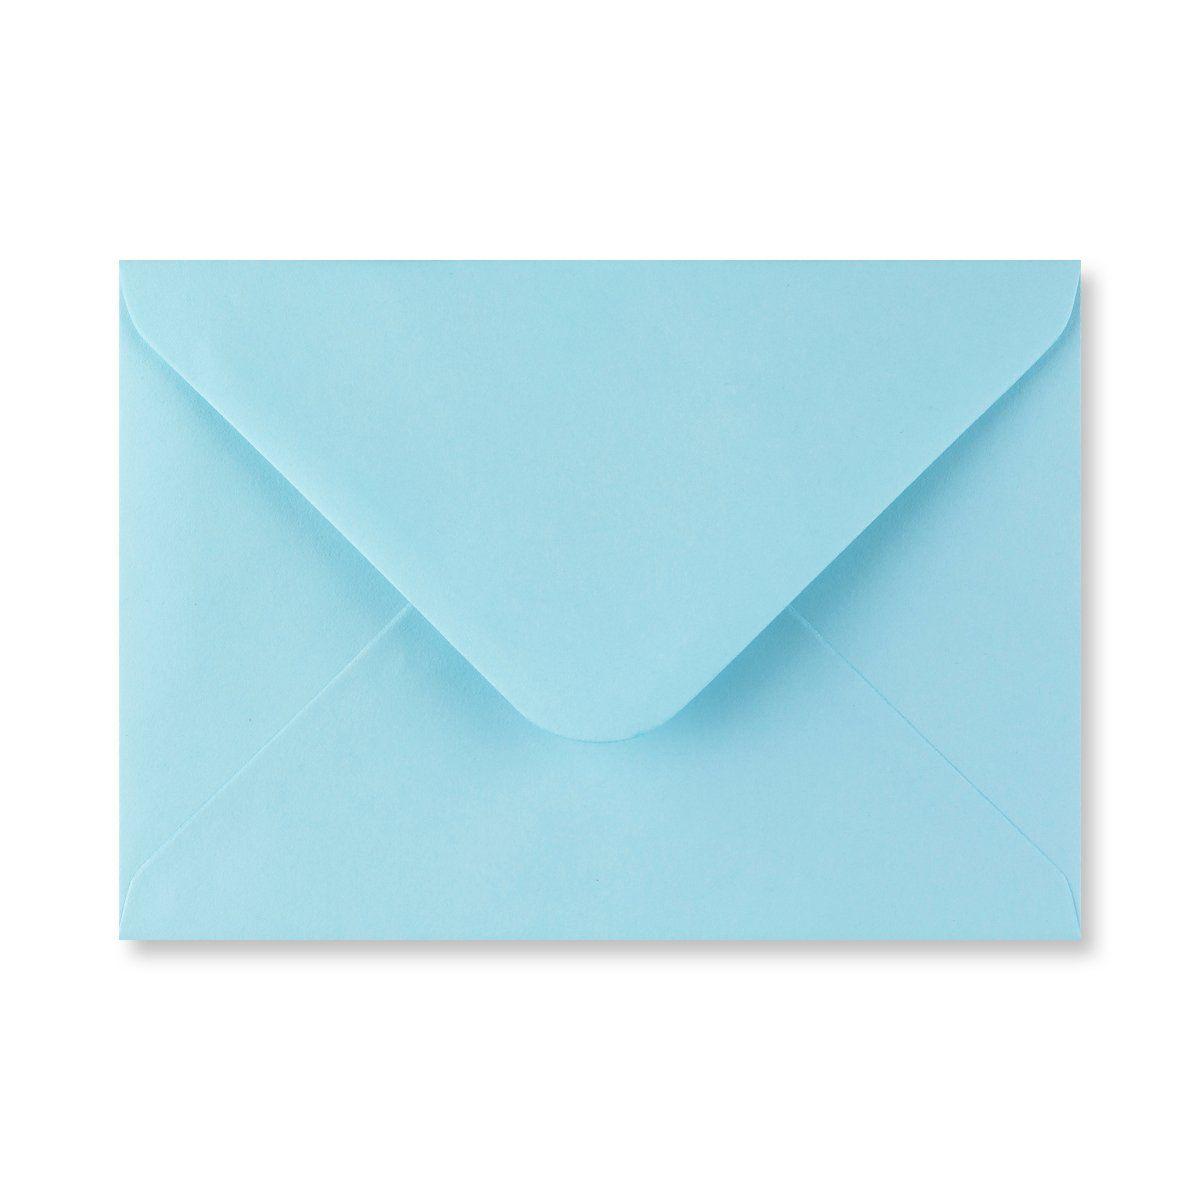 Baby blauwe enveloppen 11,4 x 16,2 cm